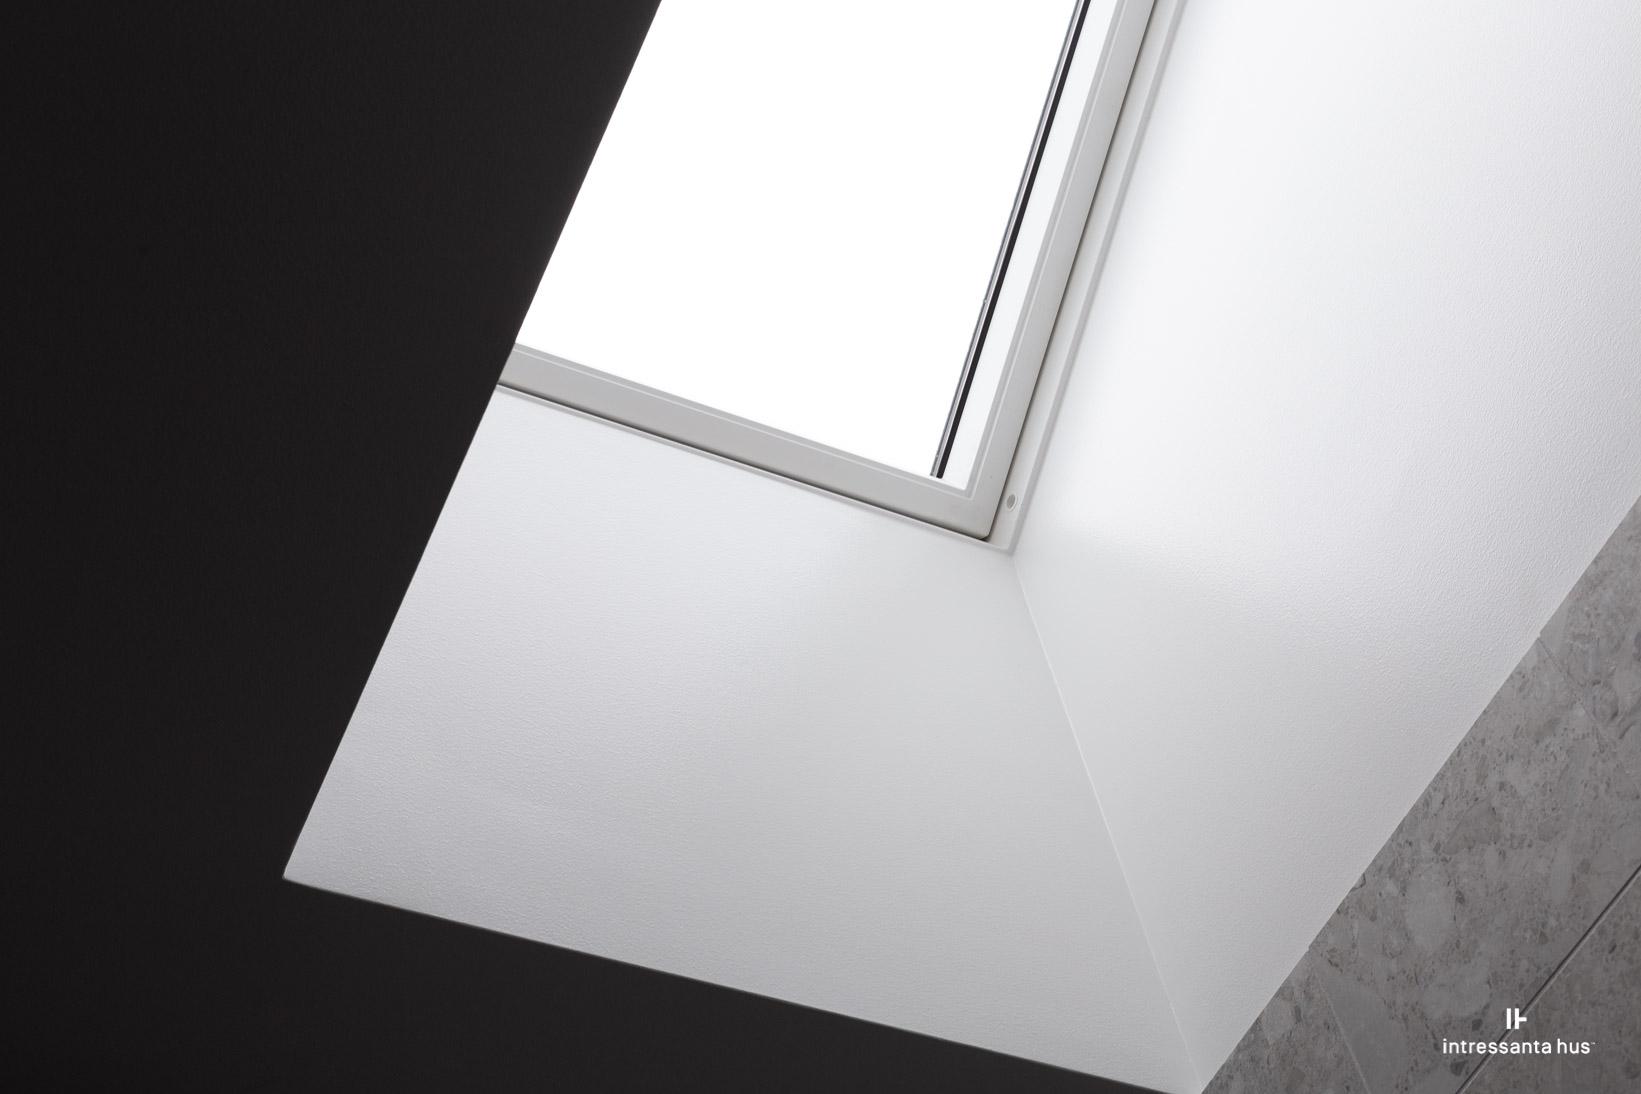 intressantahus-moberg-022